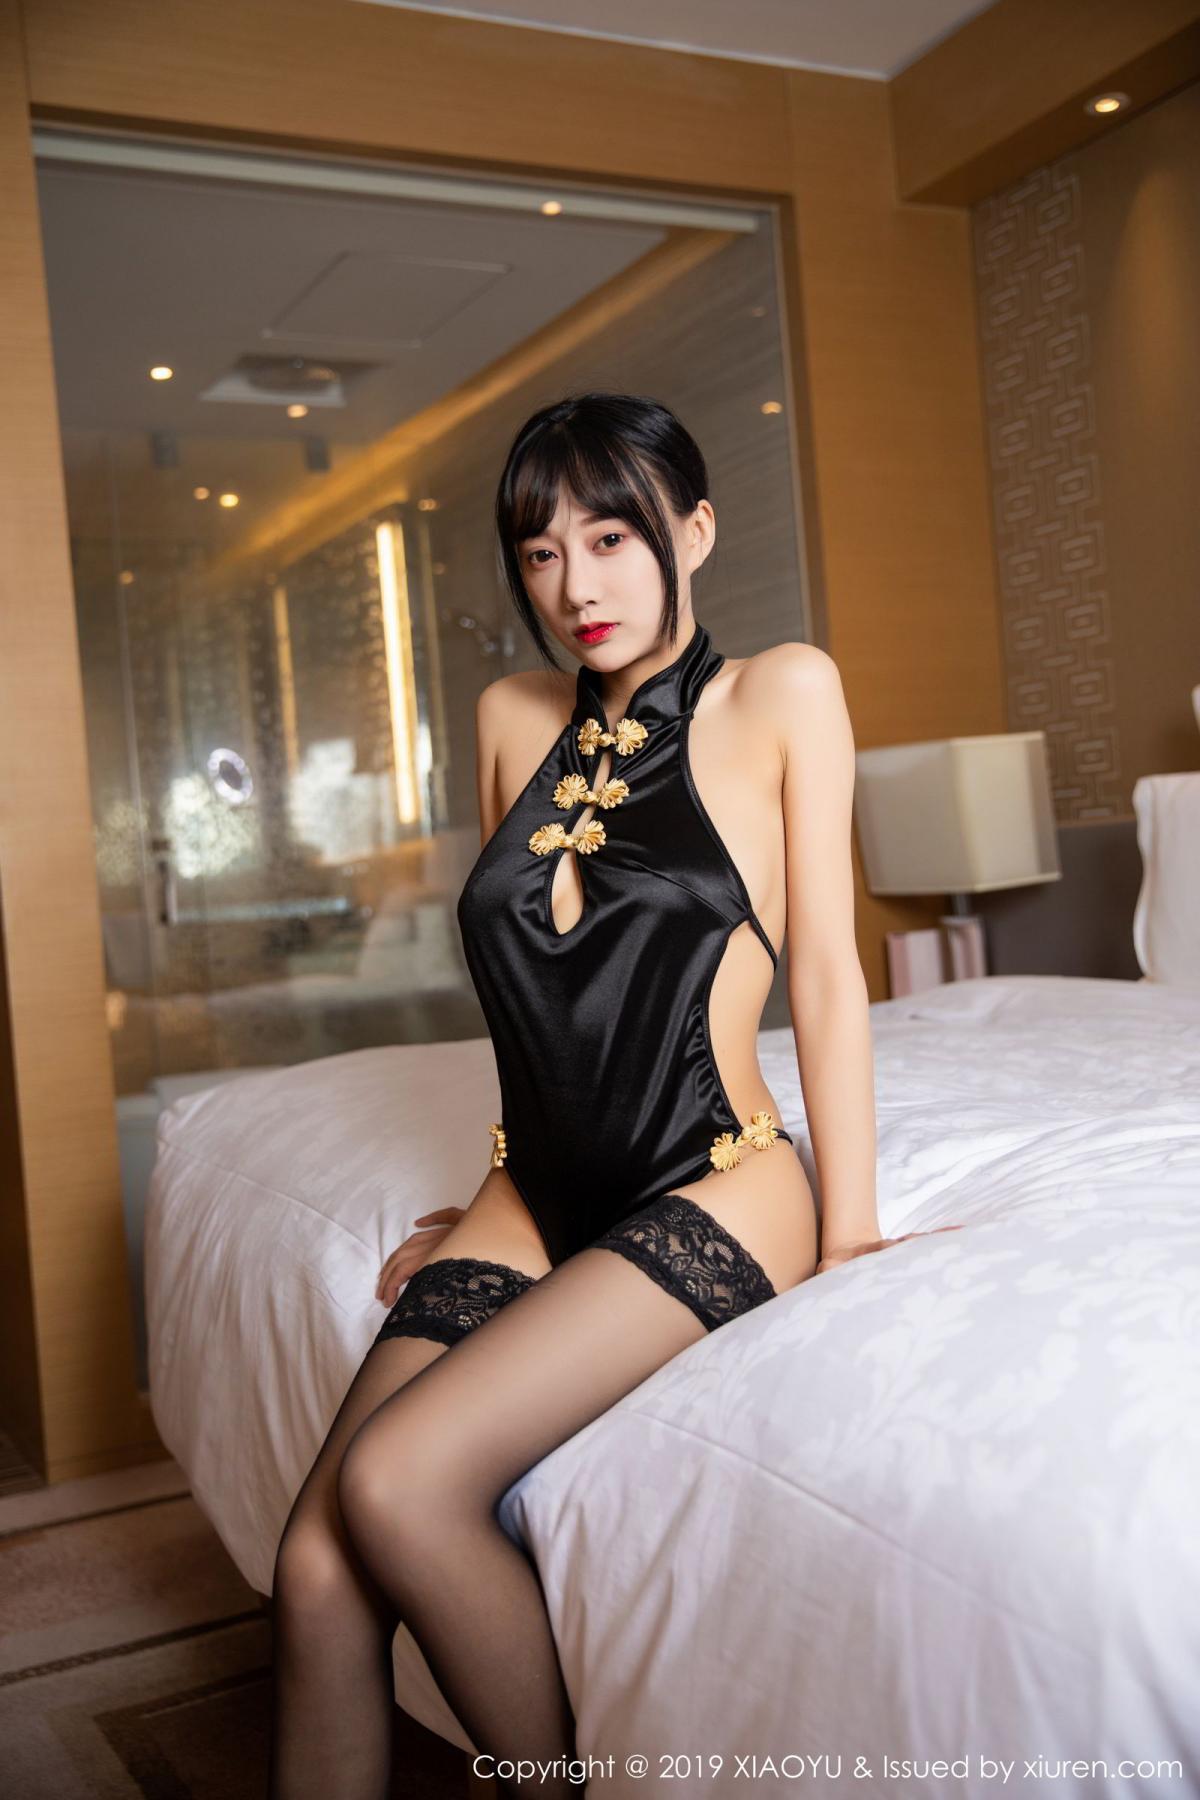 [XiaoYu] Vol.170 He Jia Ying 4P, He Jia Ying, Tall, XiaoYu